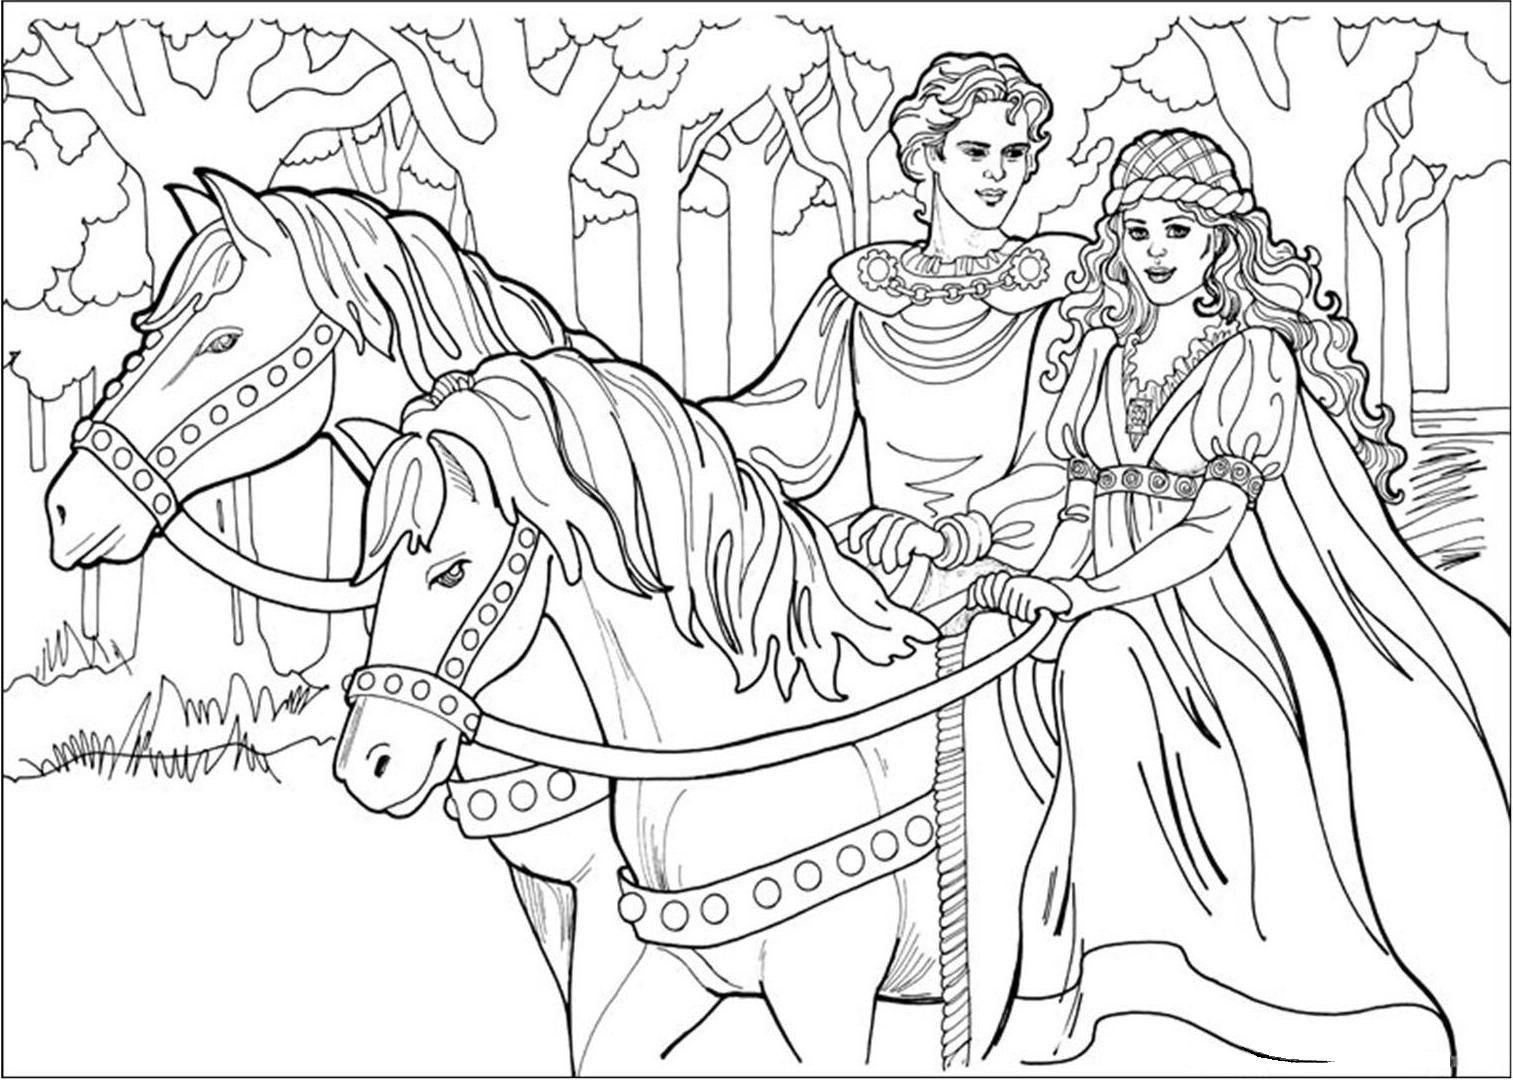 Pour Imprimer Coloriage Princesse 7 Cliquez Sur L Icone De L Imprimante A Droite De Cette Page Horse Coloring Pages Horse Coloring Horse Coloring Books